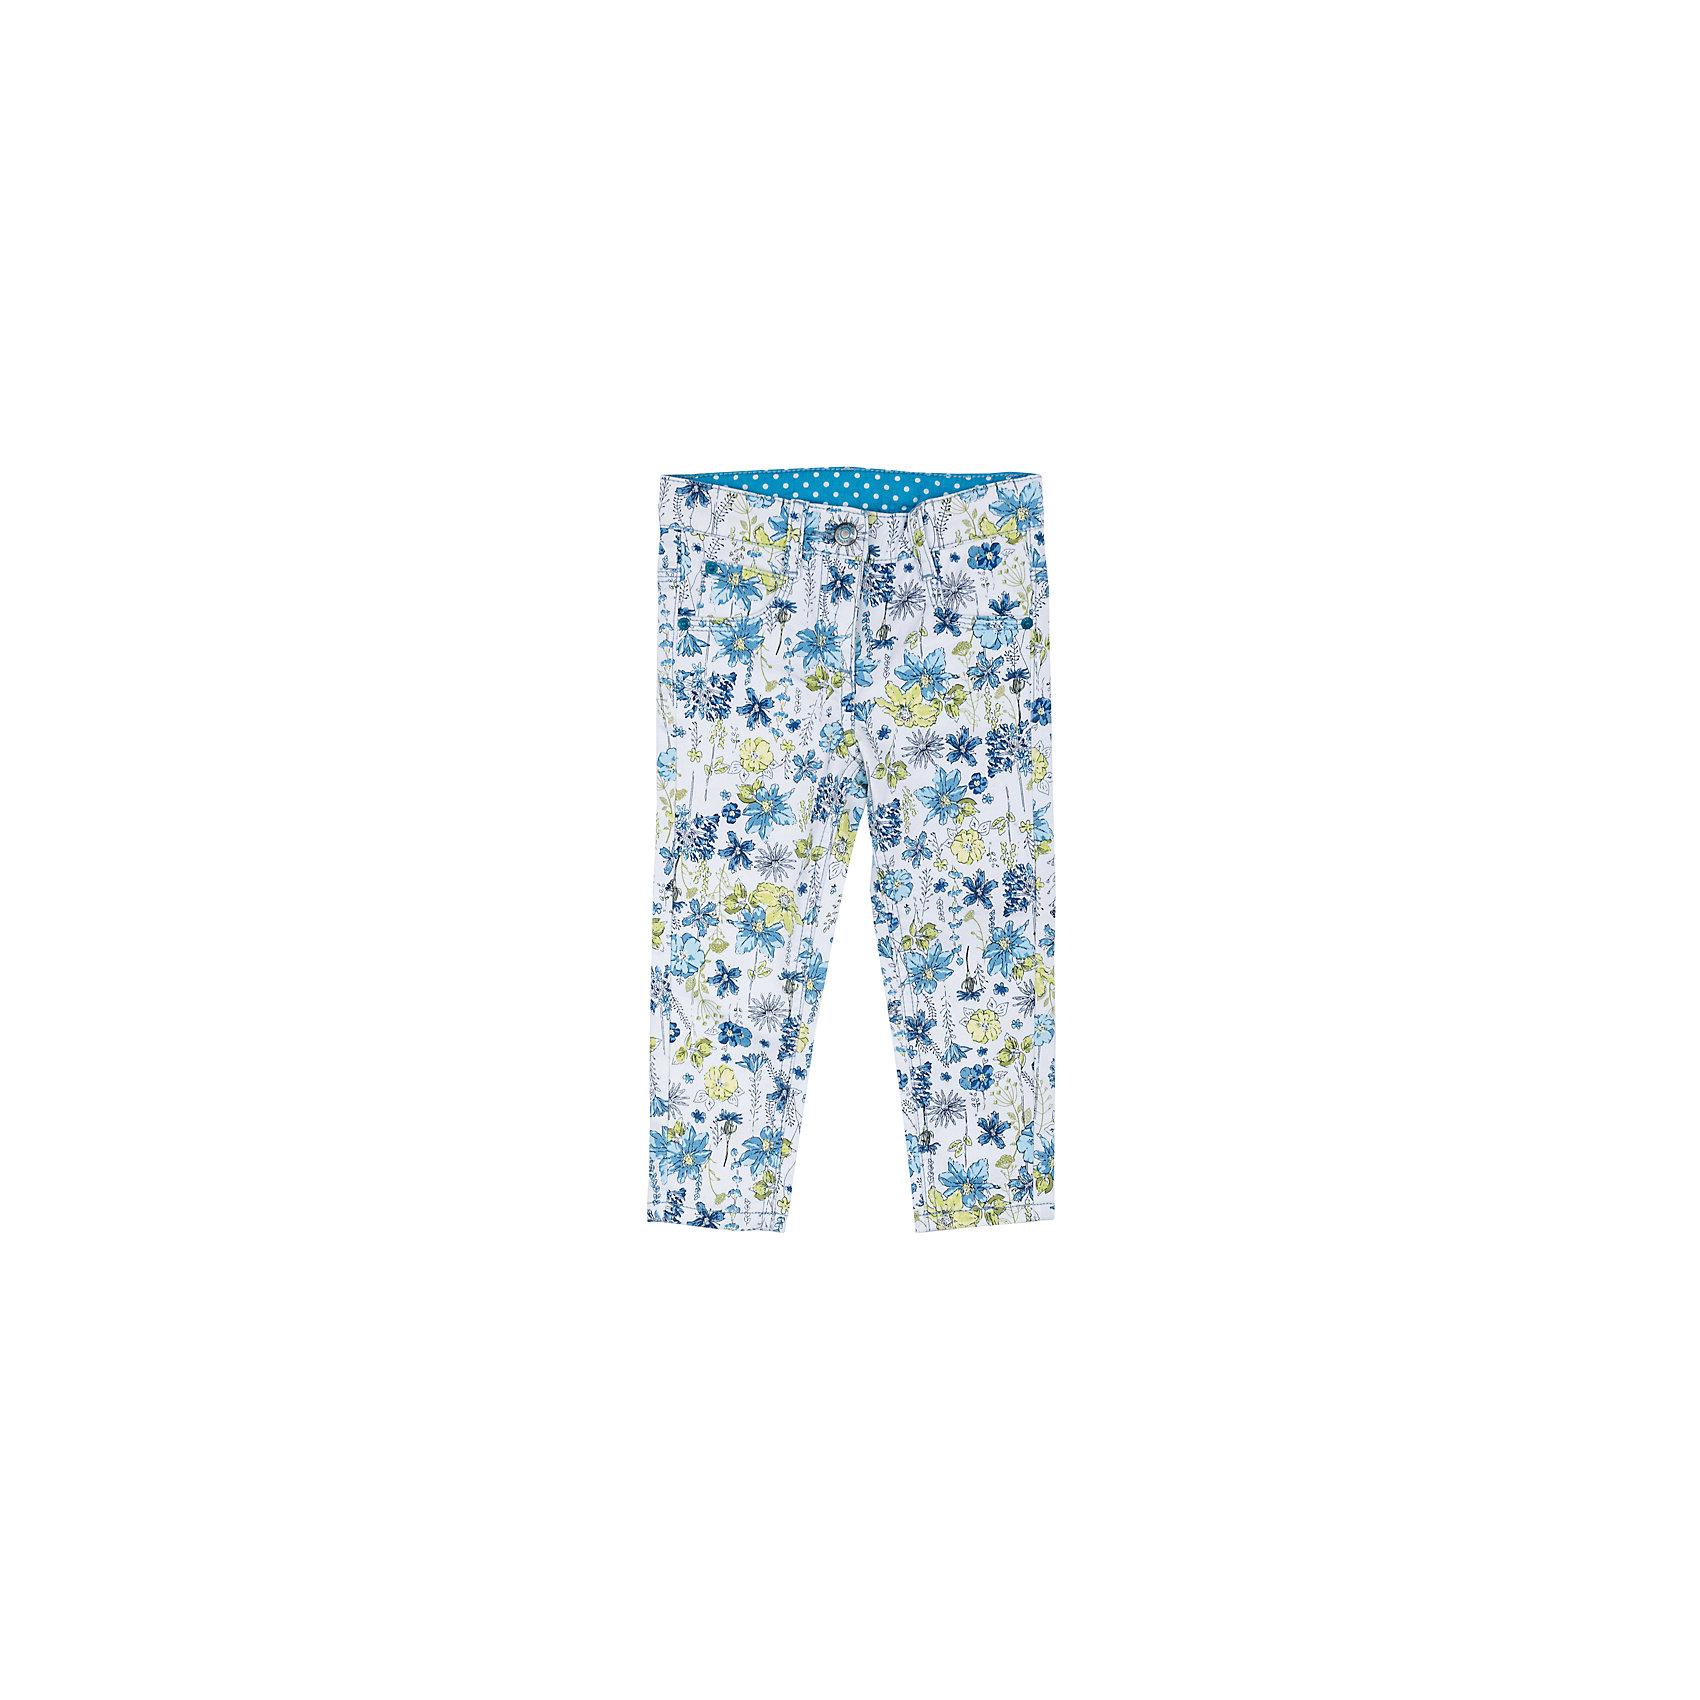 Брюки для девочки PlayTodayБрюки<br>Характеристики товара:<br><br>• цвет: синий<br>• состав: 65% хлопок, 32% полиэстер, 3% эластан<br>• принт<br>• качественный материал<br>• карманы <br>• шлевки<br>• комфортная посадка<br>• коллекция: весна-лето 2017<br>• страна бренда: Германия<br>• страна производства: Китай<br><br>Популярный бренд PlayToday выпустил новую коллекцию! Вещи из неё продолжают радовать покупателей удобством, стильным дизайном и продуманным кроем. Дети носят их с удовольствием. PlayToday - это линейка товаров, созданная специально для детей. Дизайнеры учитывают новые веяния моды и потребности детей. Порадуйте ребенка обновкой от проверенного производителя!<br>Эта модель обеспечит ребенку комфорт благодаря качественному материалу и удобному крою. С её помощью можно сделать интересный акцент в образе, дополнить наряд и одеться по погоде. Очень модная вещь! Выглядит стильно и аккуратно.<br><br>Брюки для девочки от известного бренда Scool можно купить в нашем интернет-магазине.<br><br>Ширина мм: 215<br>Глубина мм: 88<br>Высота мм: 191<br>Вес г: 336<br>Цвет: белый<br>Возраст от месяцев: 6<br>Возраст до месяцев: 9<br>Пол: Женский<br>Возраст: Детский<br>Размер: 92,86,80,74<br>SKU: 5408248